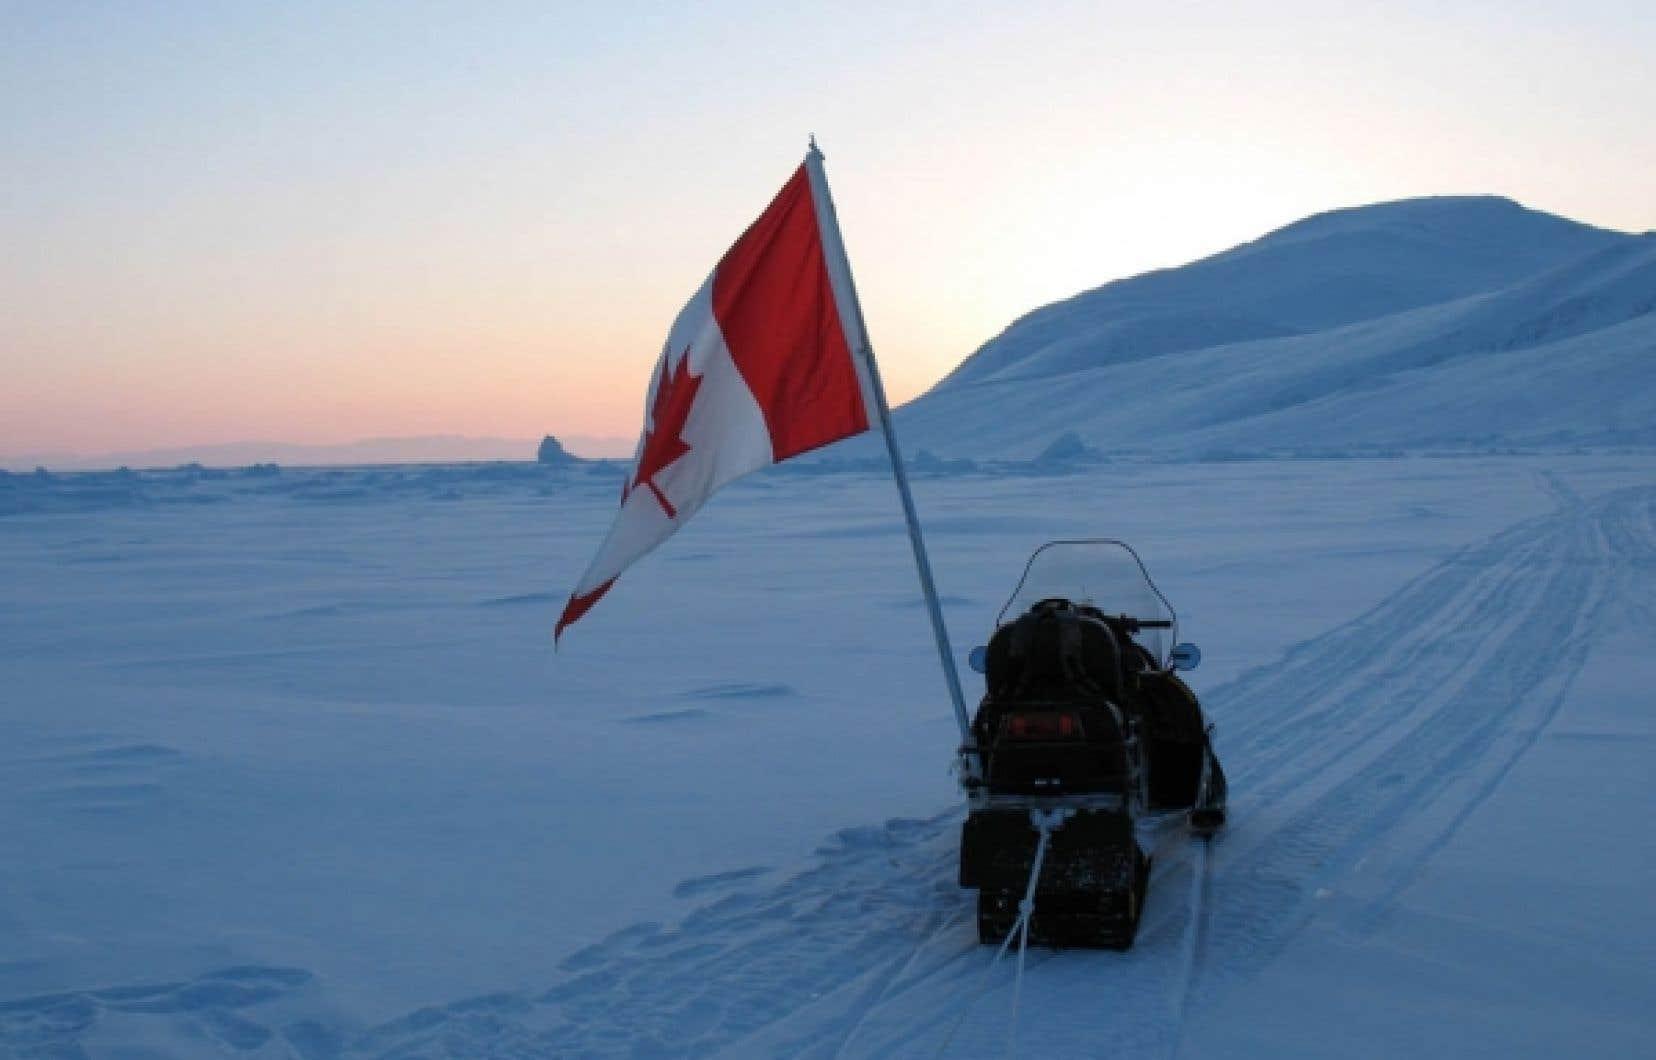 Le gouvernement fédéral a octroyé 16 licences de prospection dans la mer de Beaufort depuis 2004 pour le pétrole et le gaz.